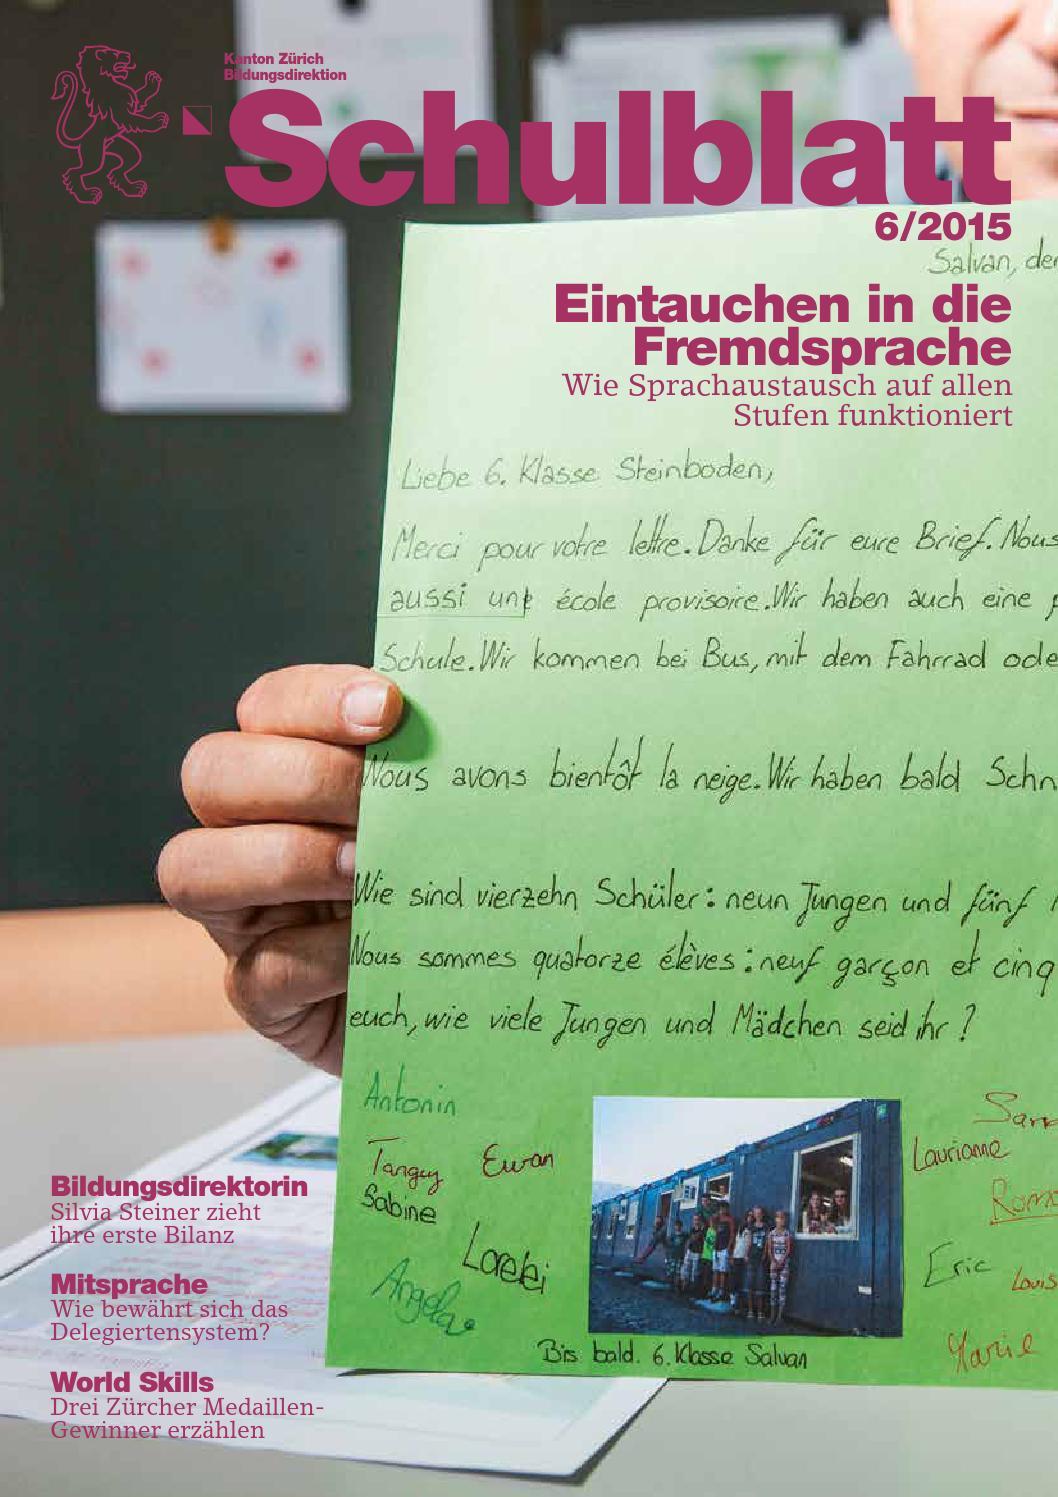 Schulblatt 6 2015 by Schulblatt Kanton Zürich - issuu